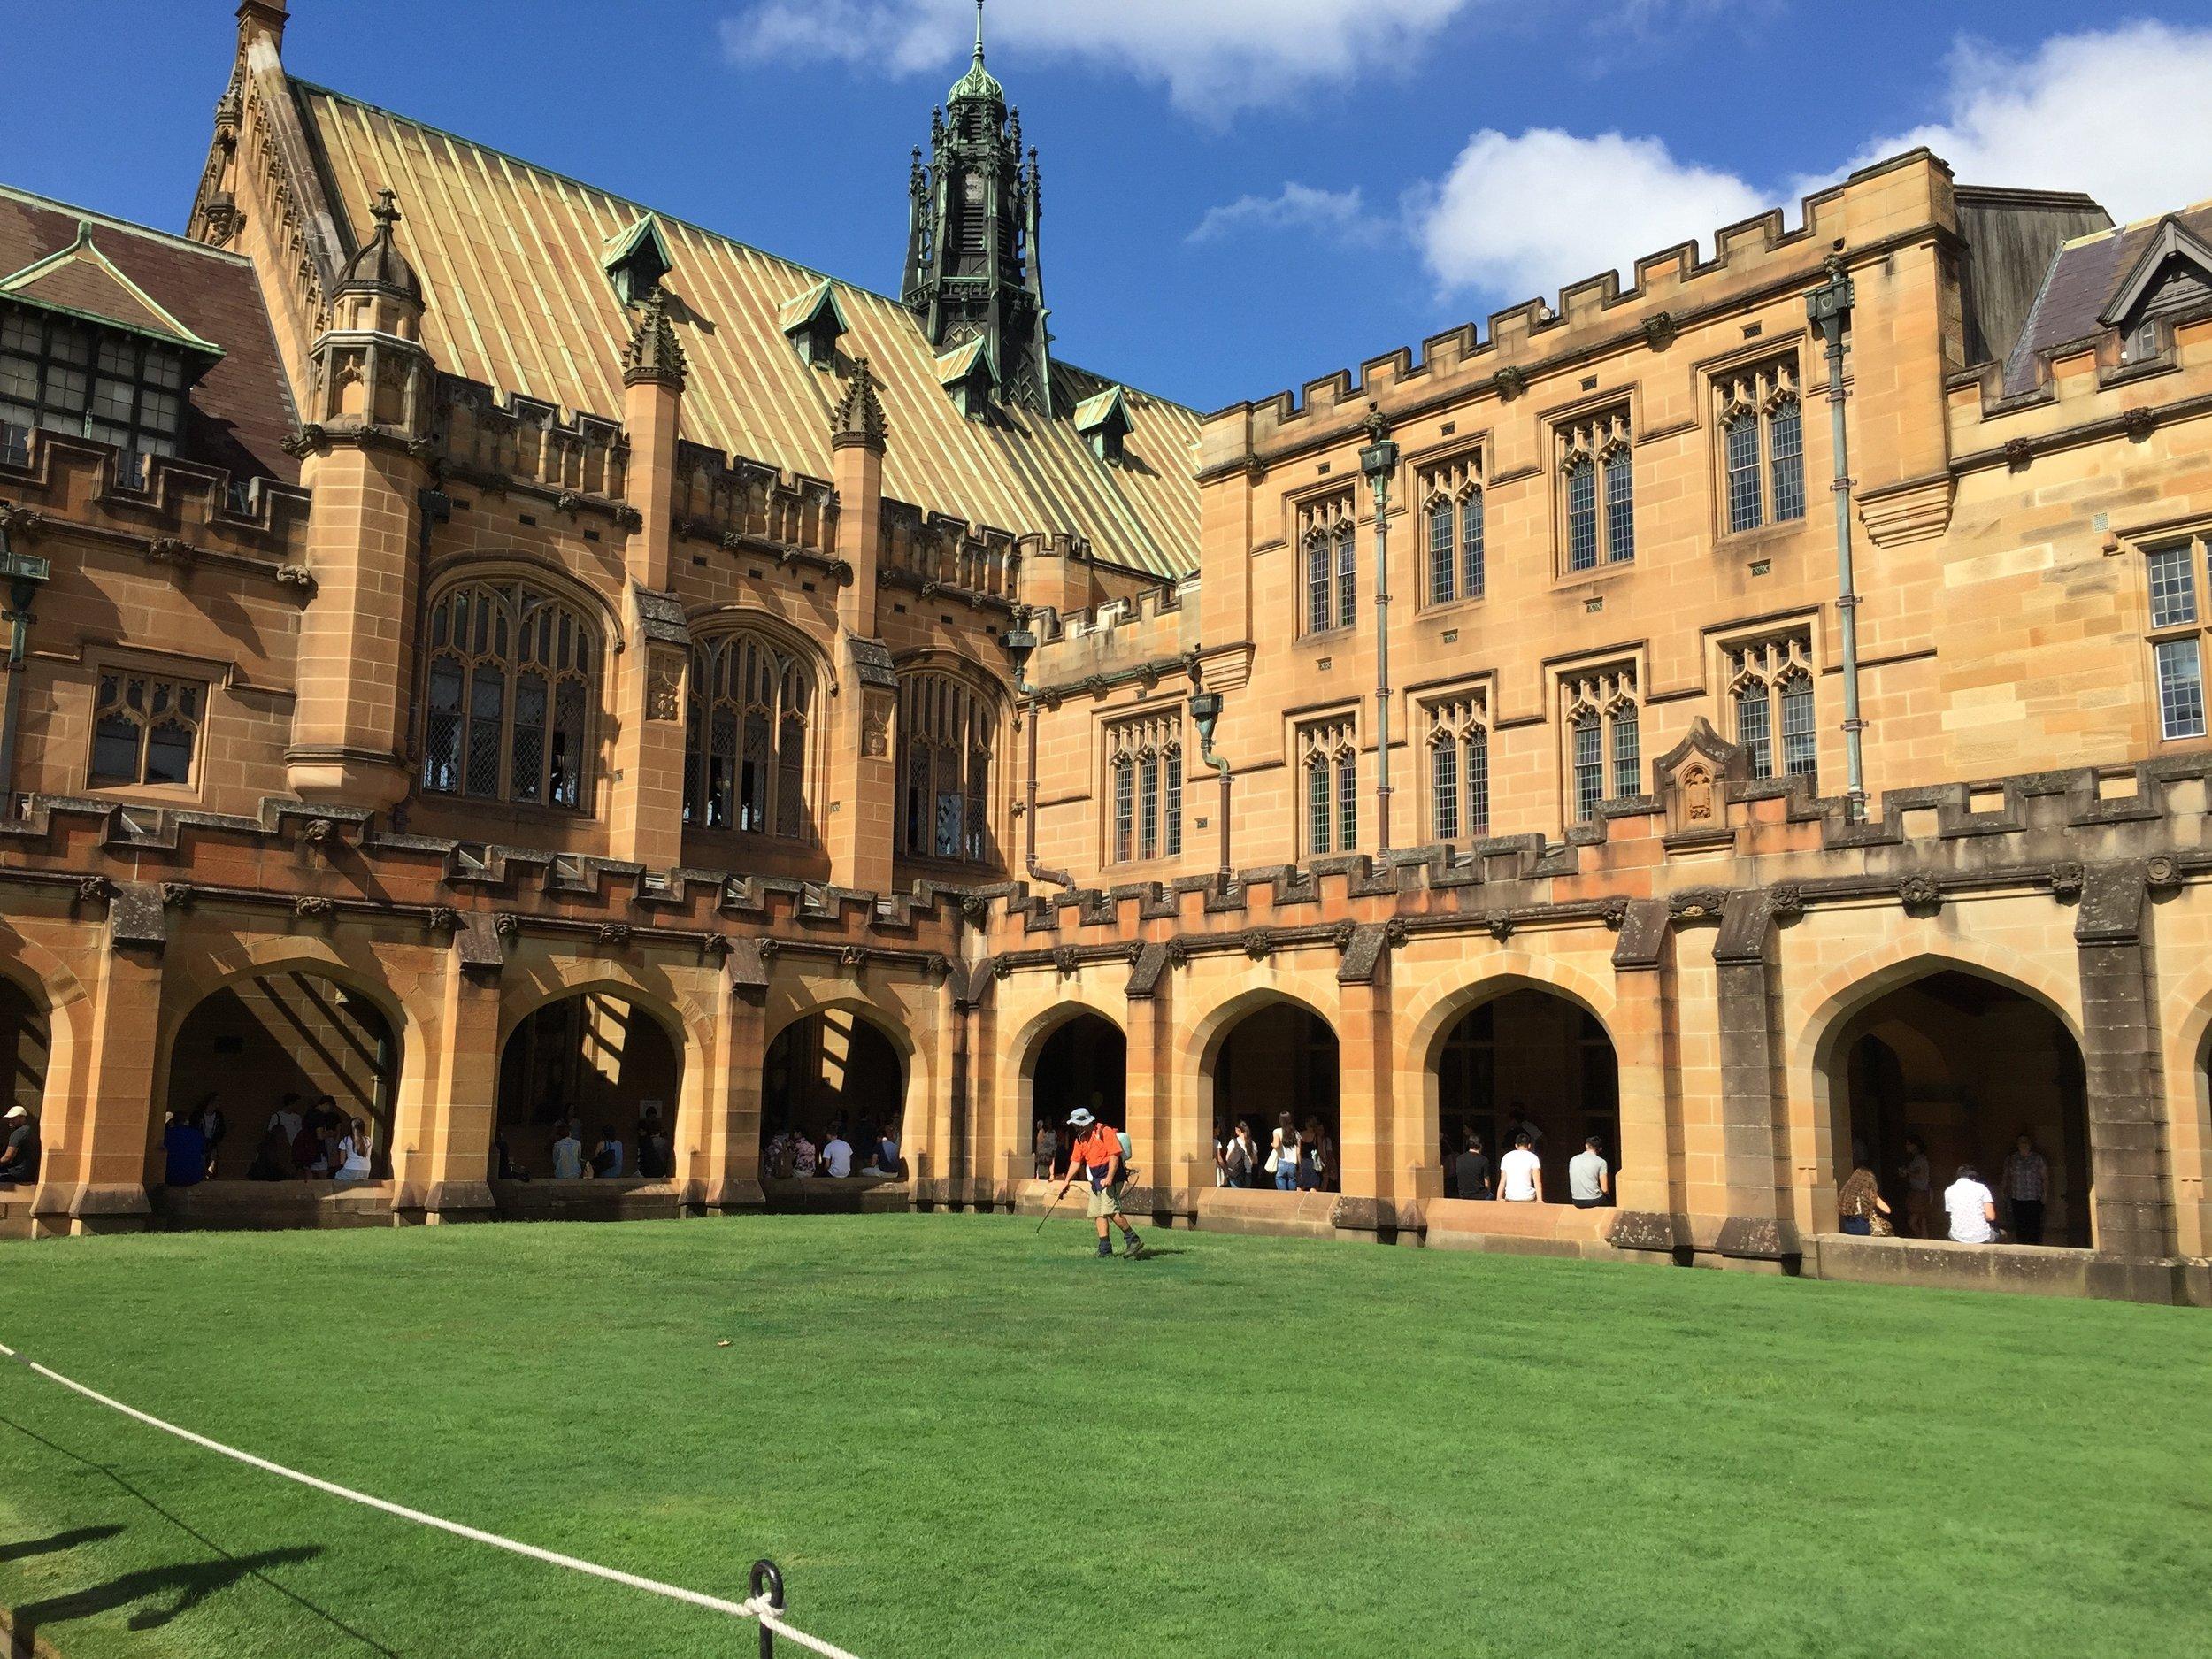 Innenhof des Hauptgebäudes der ältesten Universität Australiens.